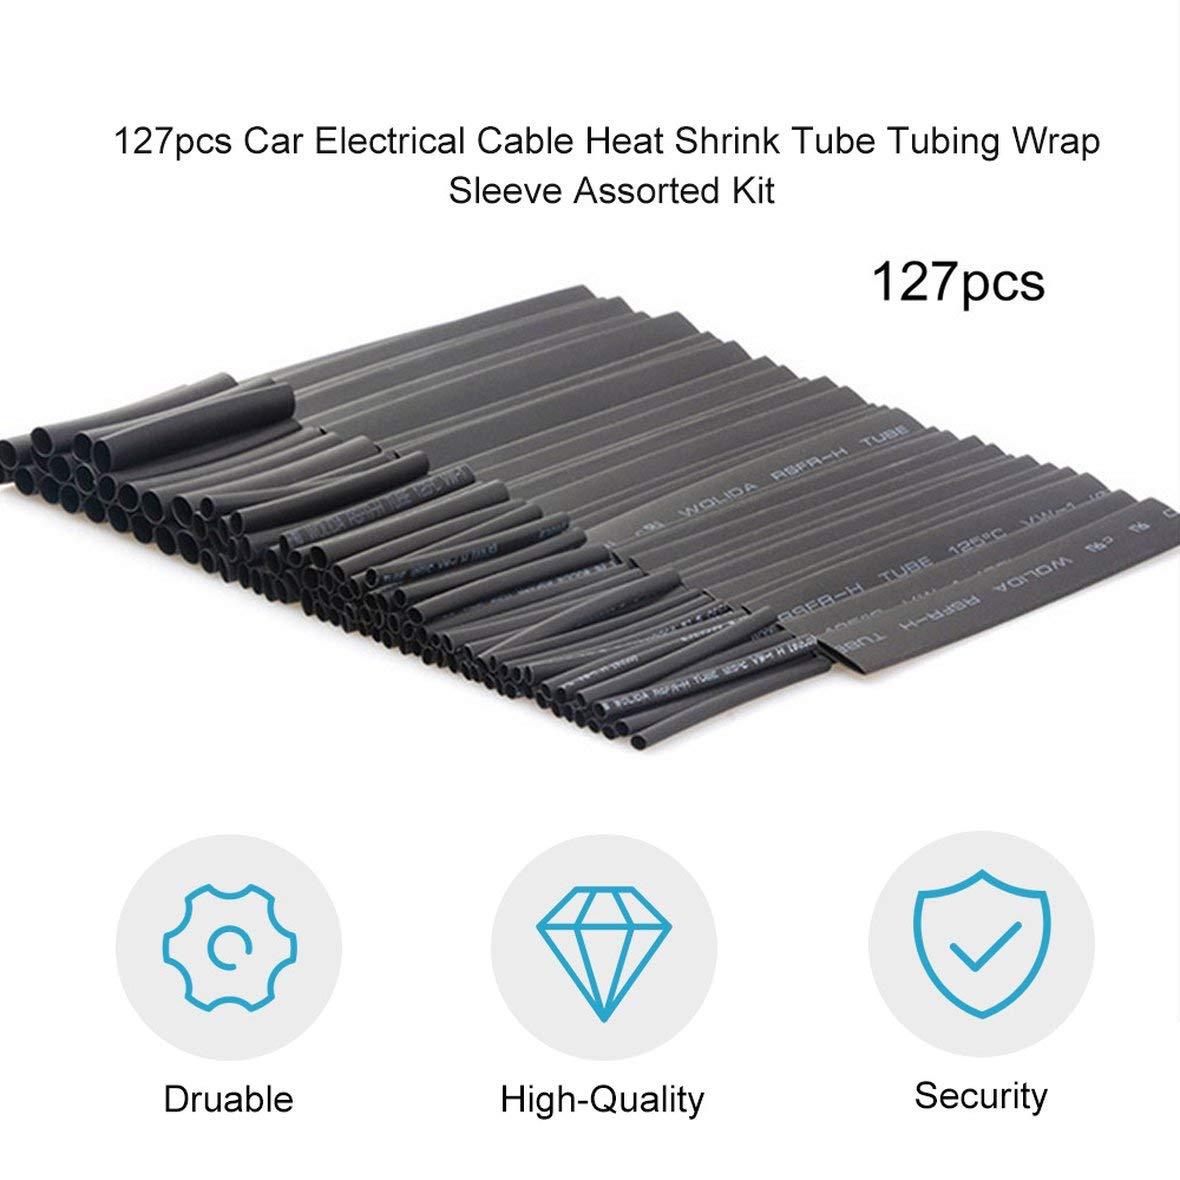 kit Assorti 127pcs Gaine thermor/étractable pour Cable /électrique pour Voiture Gaine denveloppe de Tube Ignifuge Noir Protection de lenvironnement